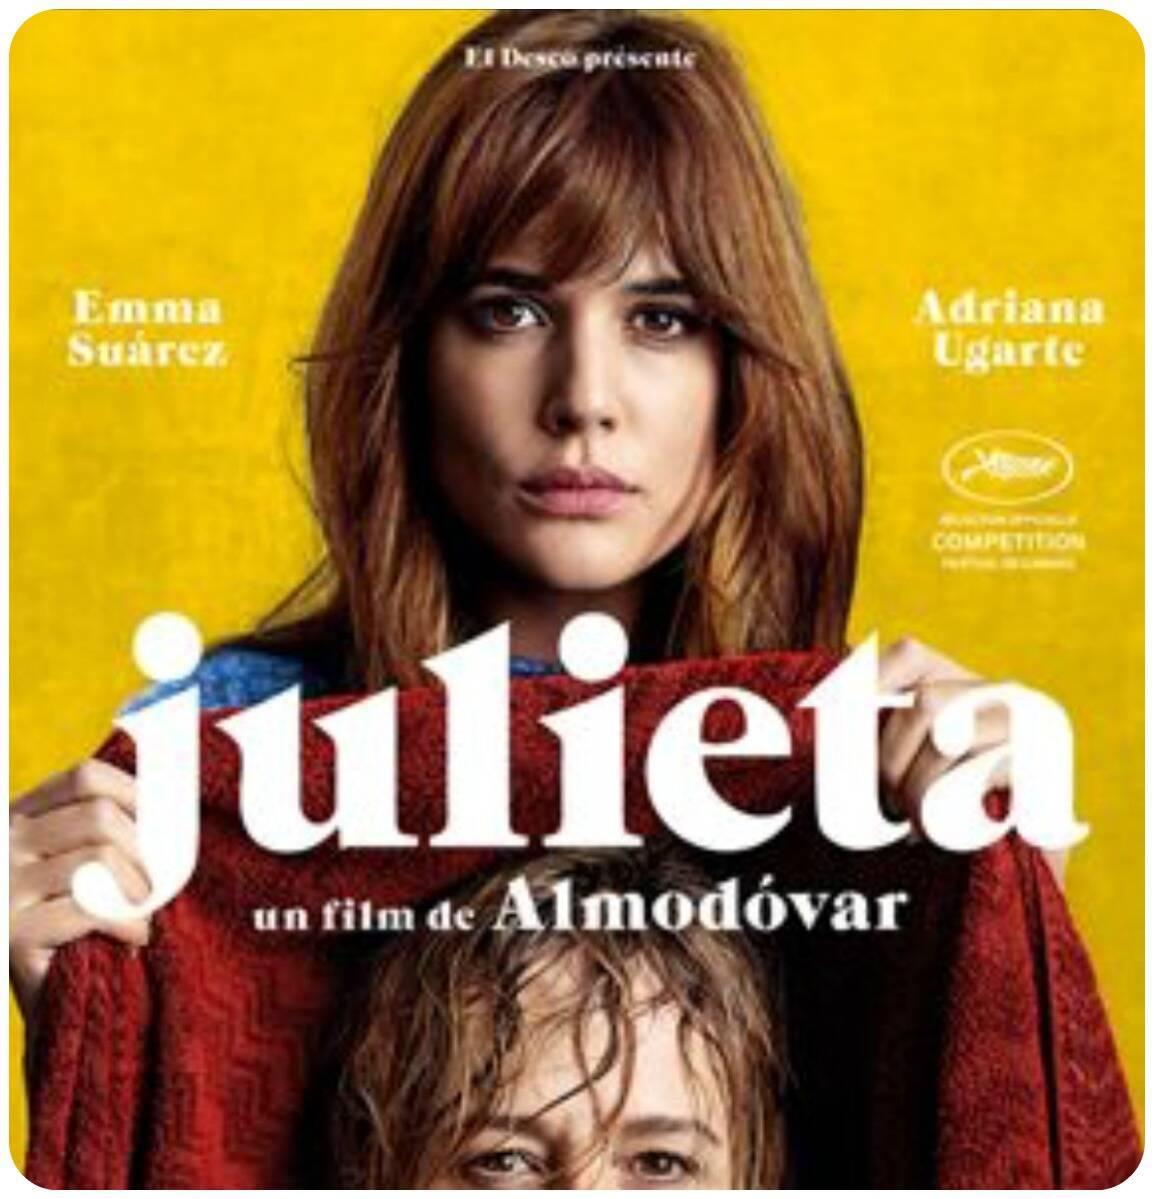 """Cartaz do filme """"Julieta"""", do diretor espanhol Almodovar"""